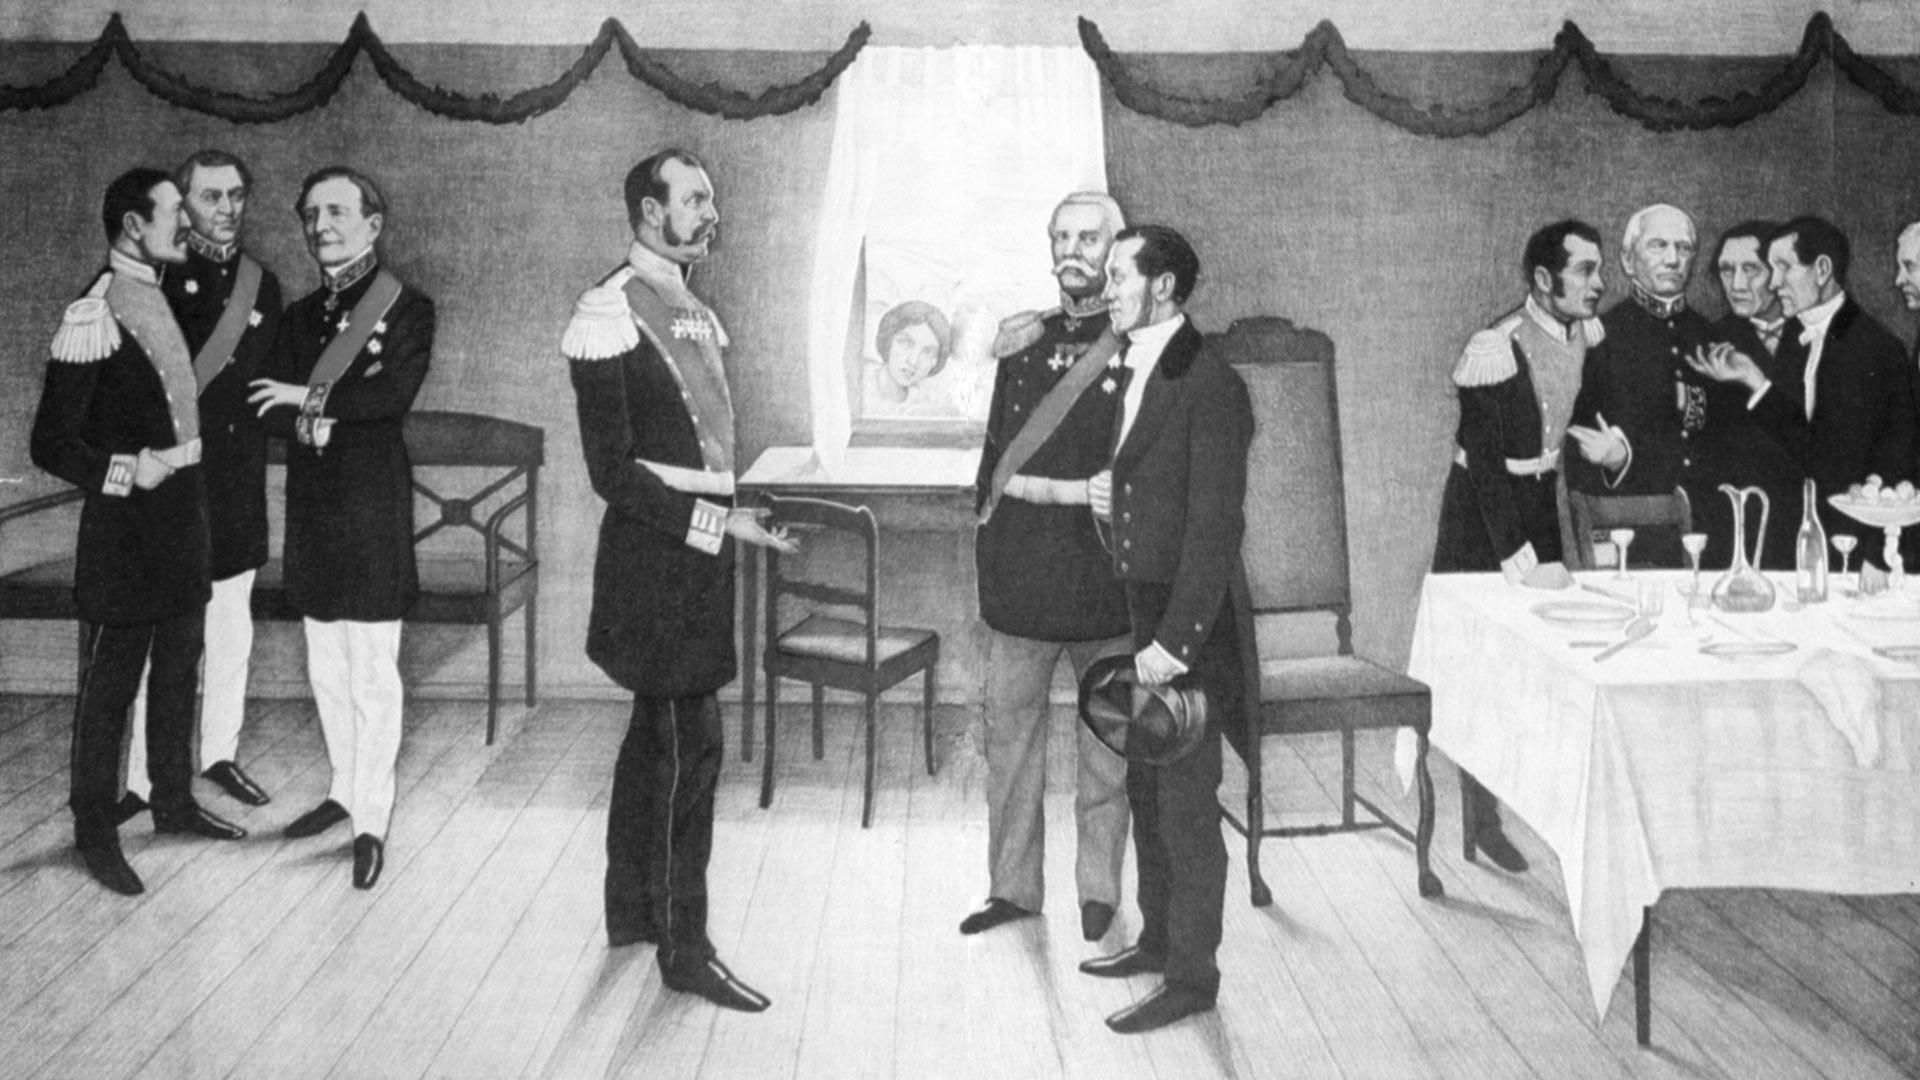 J. V. Snellman esitellään keisari Aleksanteri II:lle Parolassa heinäkuussa 1863. Kustannusosakeyhtiö Otavan opetustauluna julkaisema kivipiirros.